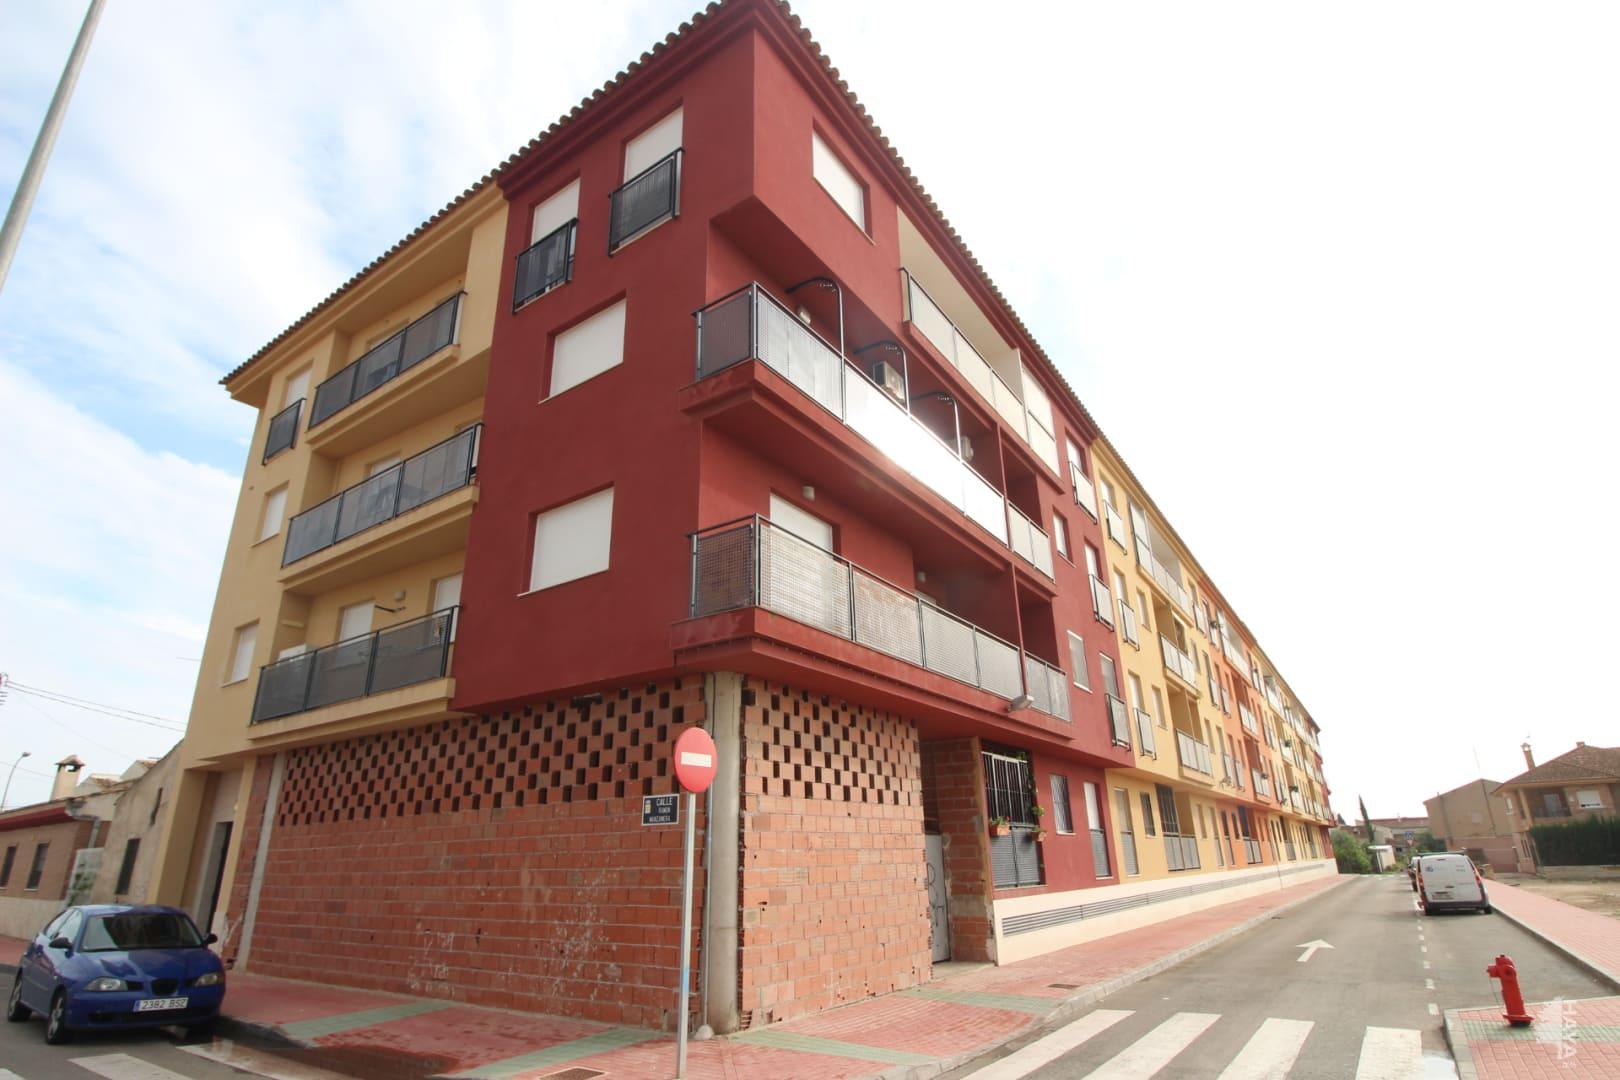 Piso en venta en Murcia, Murcia, Calle Miguel de la Nieves, 103.000 €, 4 habitaciones, 2 baños, 162 m2